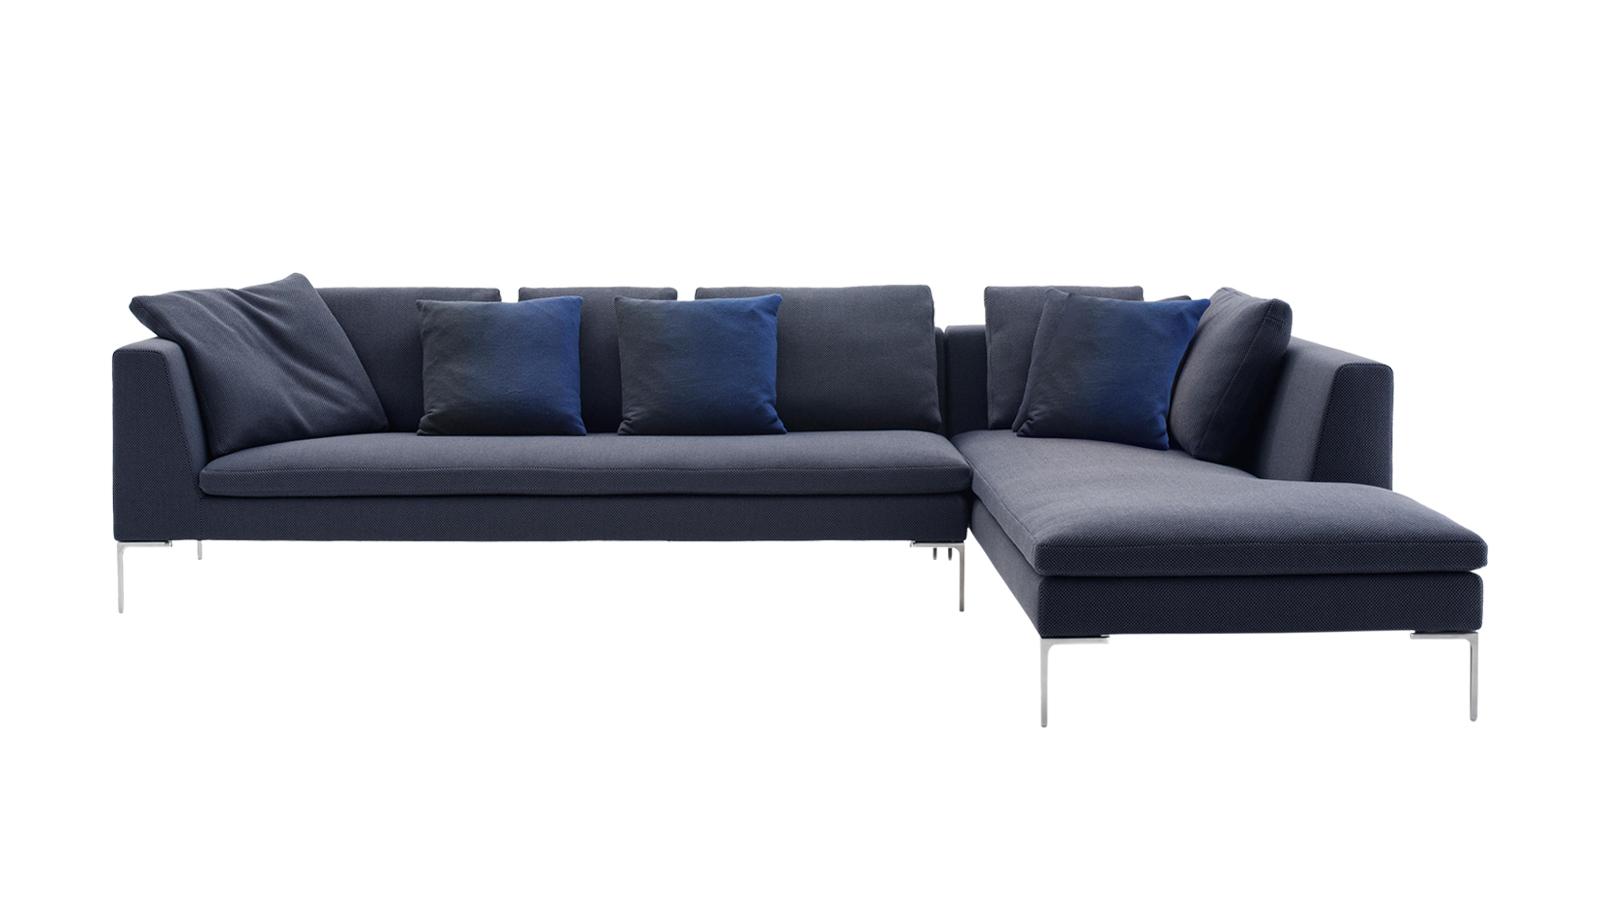 Ha valaki, akkor a világhírű designer, Charles Eames megérdemli, hogy bútorkollekciót nevezzenek el róla. Az '50-60-as évek stílusát idéző Charles kanapék nem véletlenül a B&B Italia legnépszerűbb darabjai: az egyszerűnek ható megjelenés mögött maximális kényelem és a legmagasabb szintű minőség húzódik. Ám az ülőgarnitúra igazi népszerűségét az adja, hogy az eltérő formáknak és a számos párnának hála kreatívan formálhatjuk a nappali ékét.